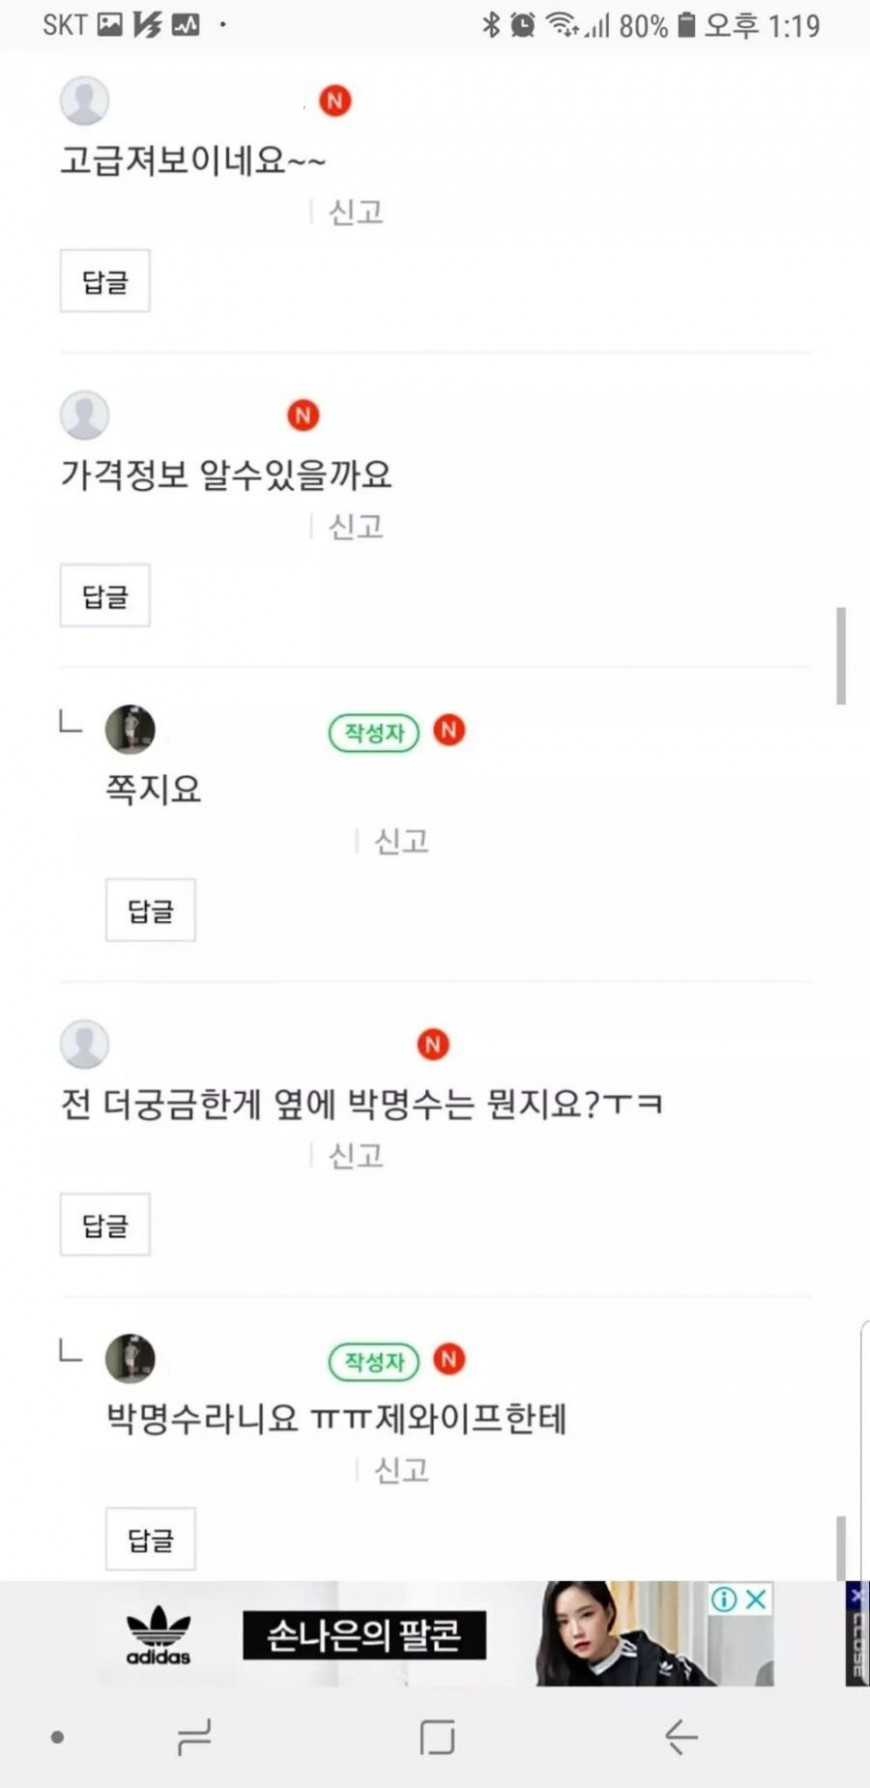 그랜저 동호회 갑분싸.jpg